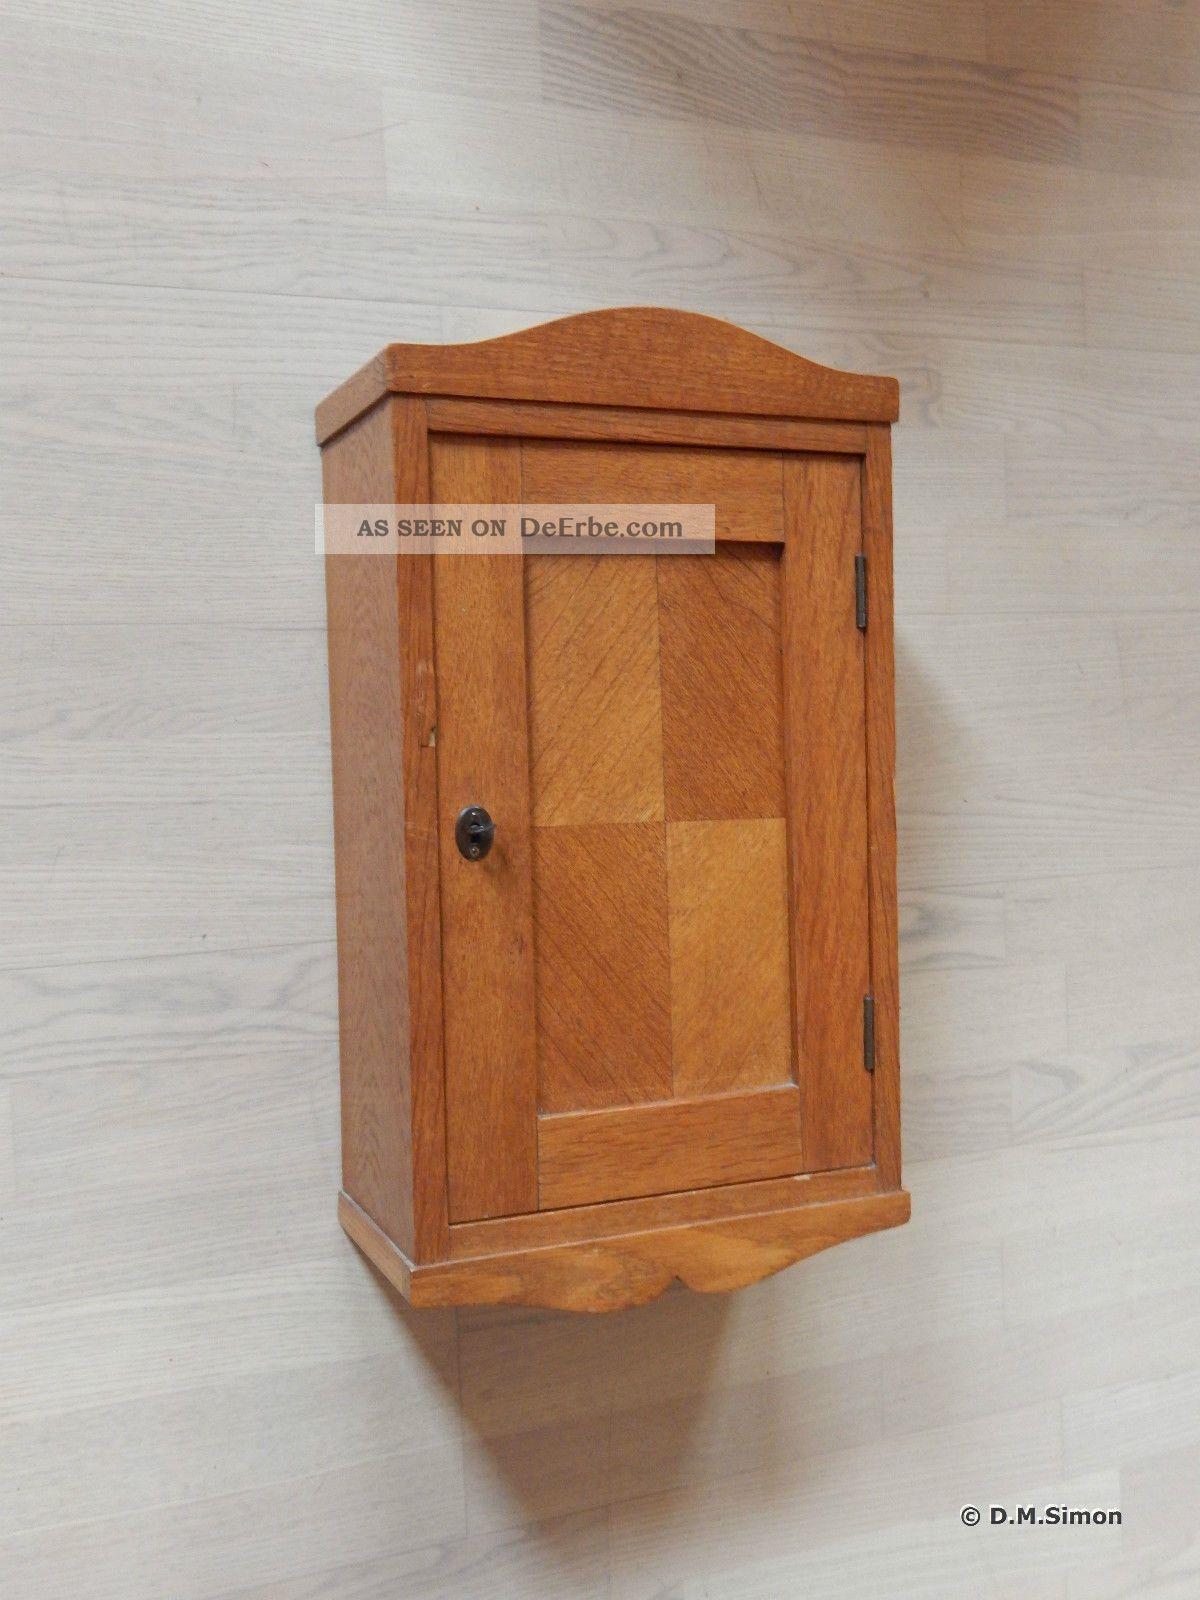 medizinschrank h ngeschrank wandschrank holzschrank holz schrank 20er 30er jahre. Black Bedroom Furniture Sets. Home Design Ideas